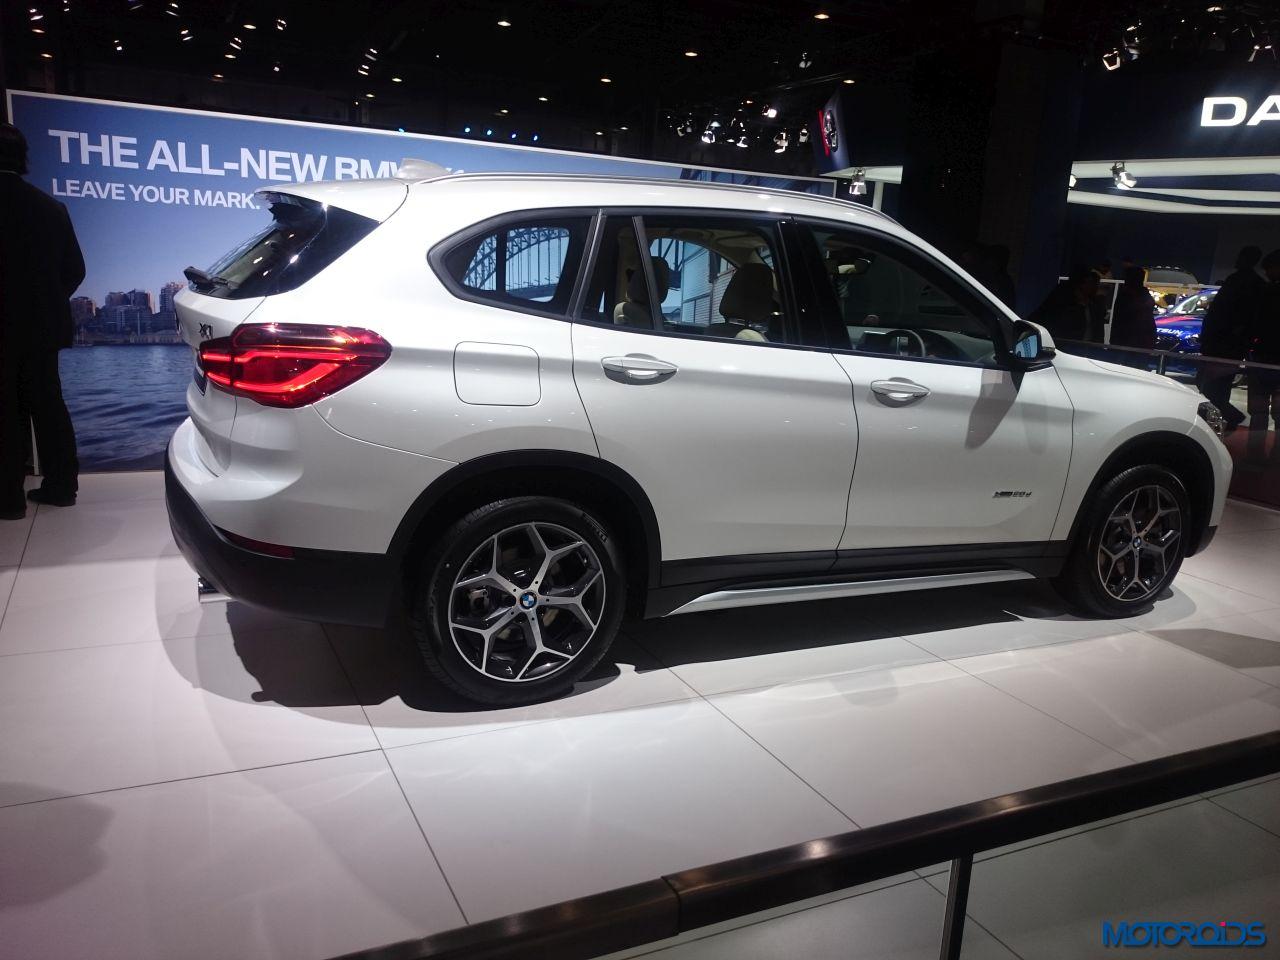 New BMW X1 Auto Expo 2016 (5)